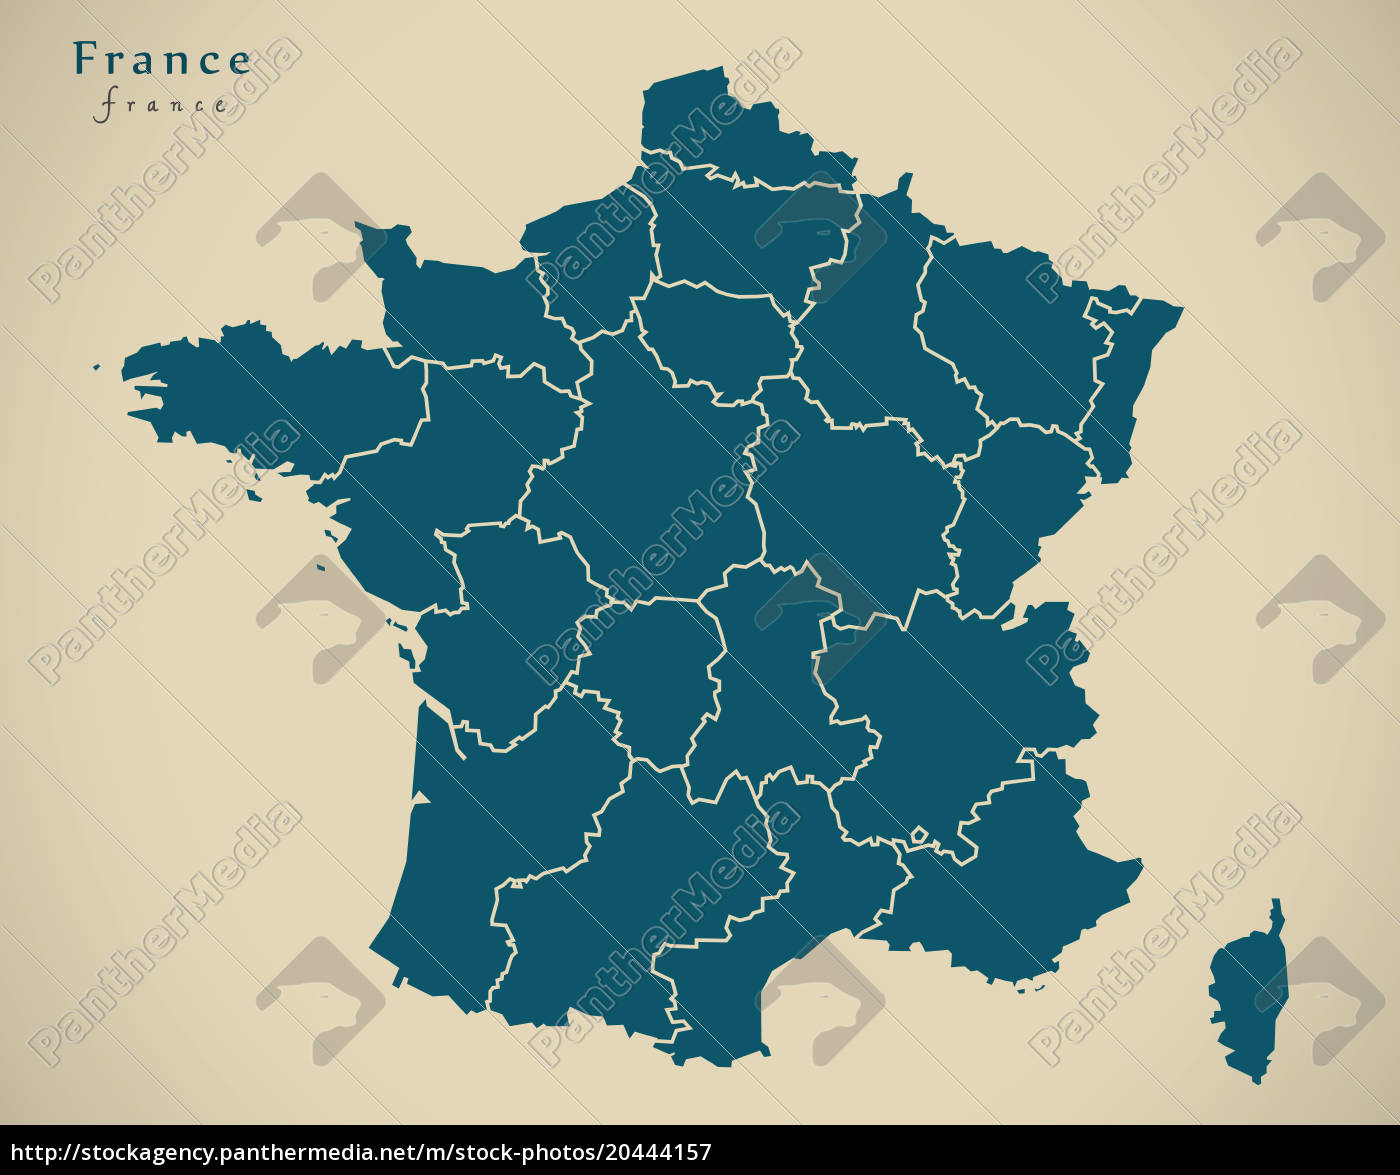 Regionen Frankreich Karte.Stockfoto 20444157 Moderne Karte Frankreich Mit Den Regionen Fr Illustration